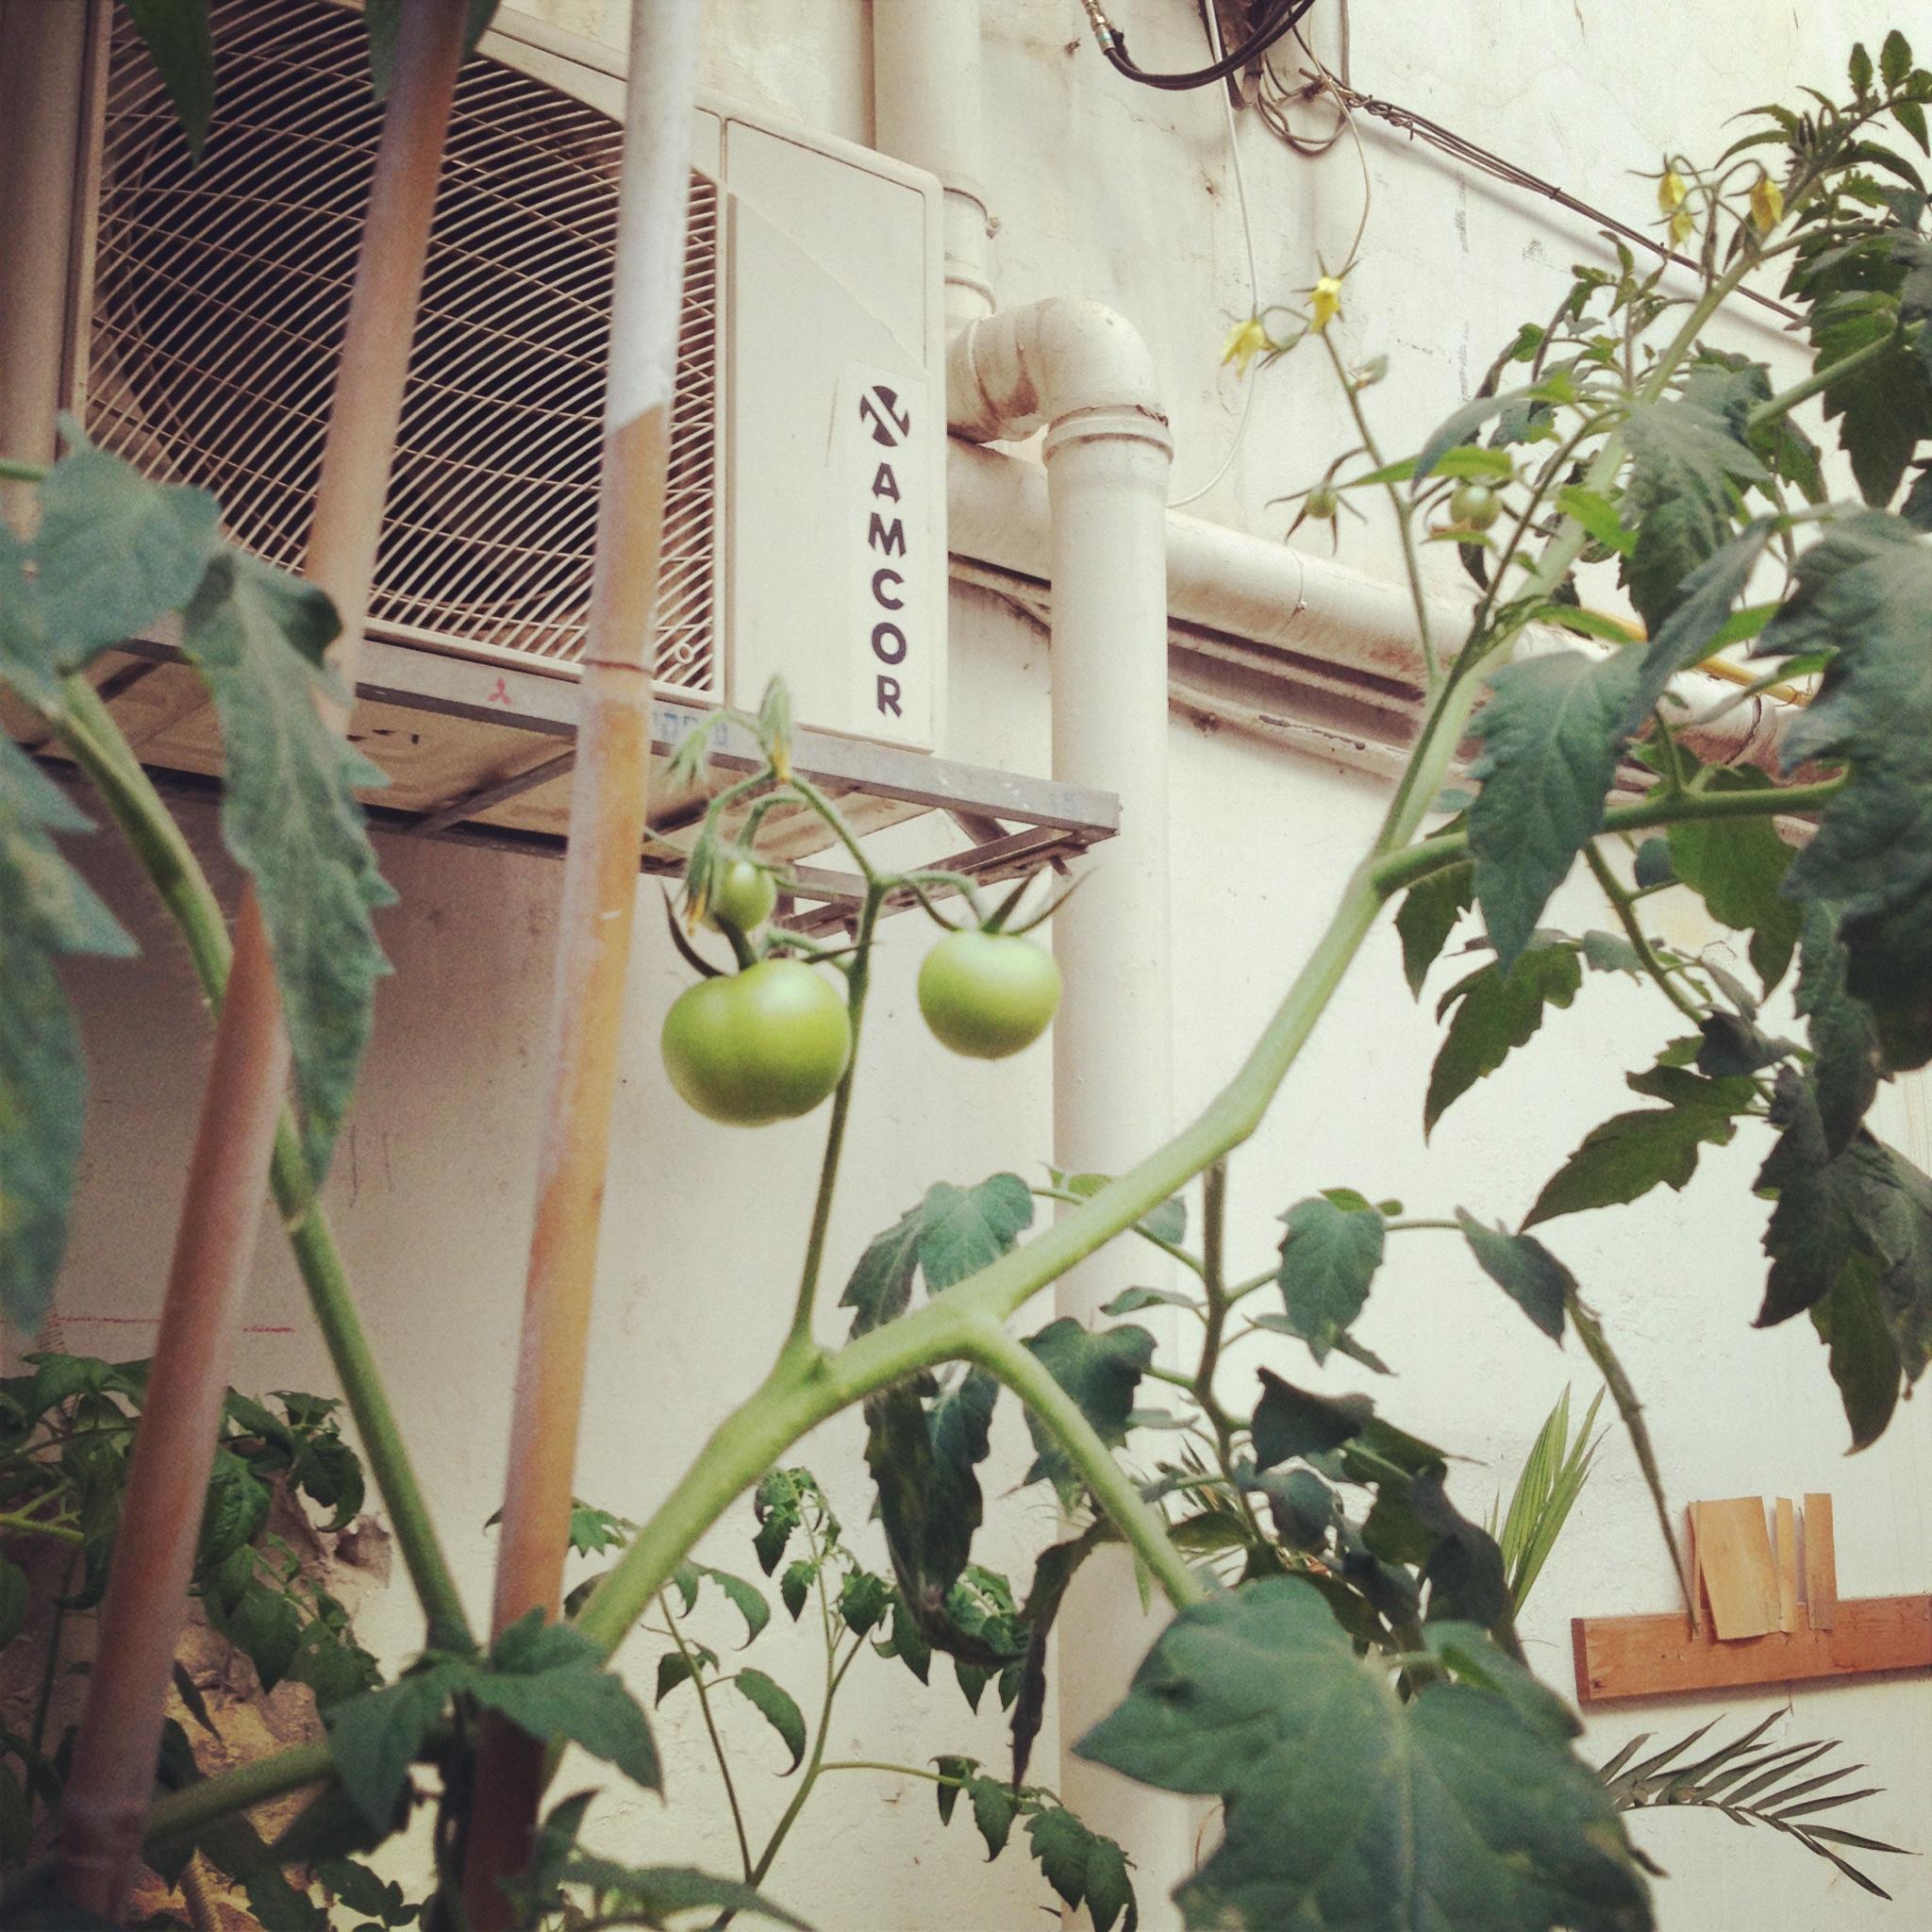 עגבניות מזן אמקור